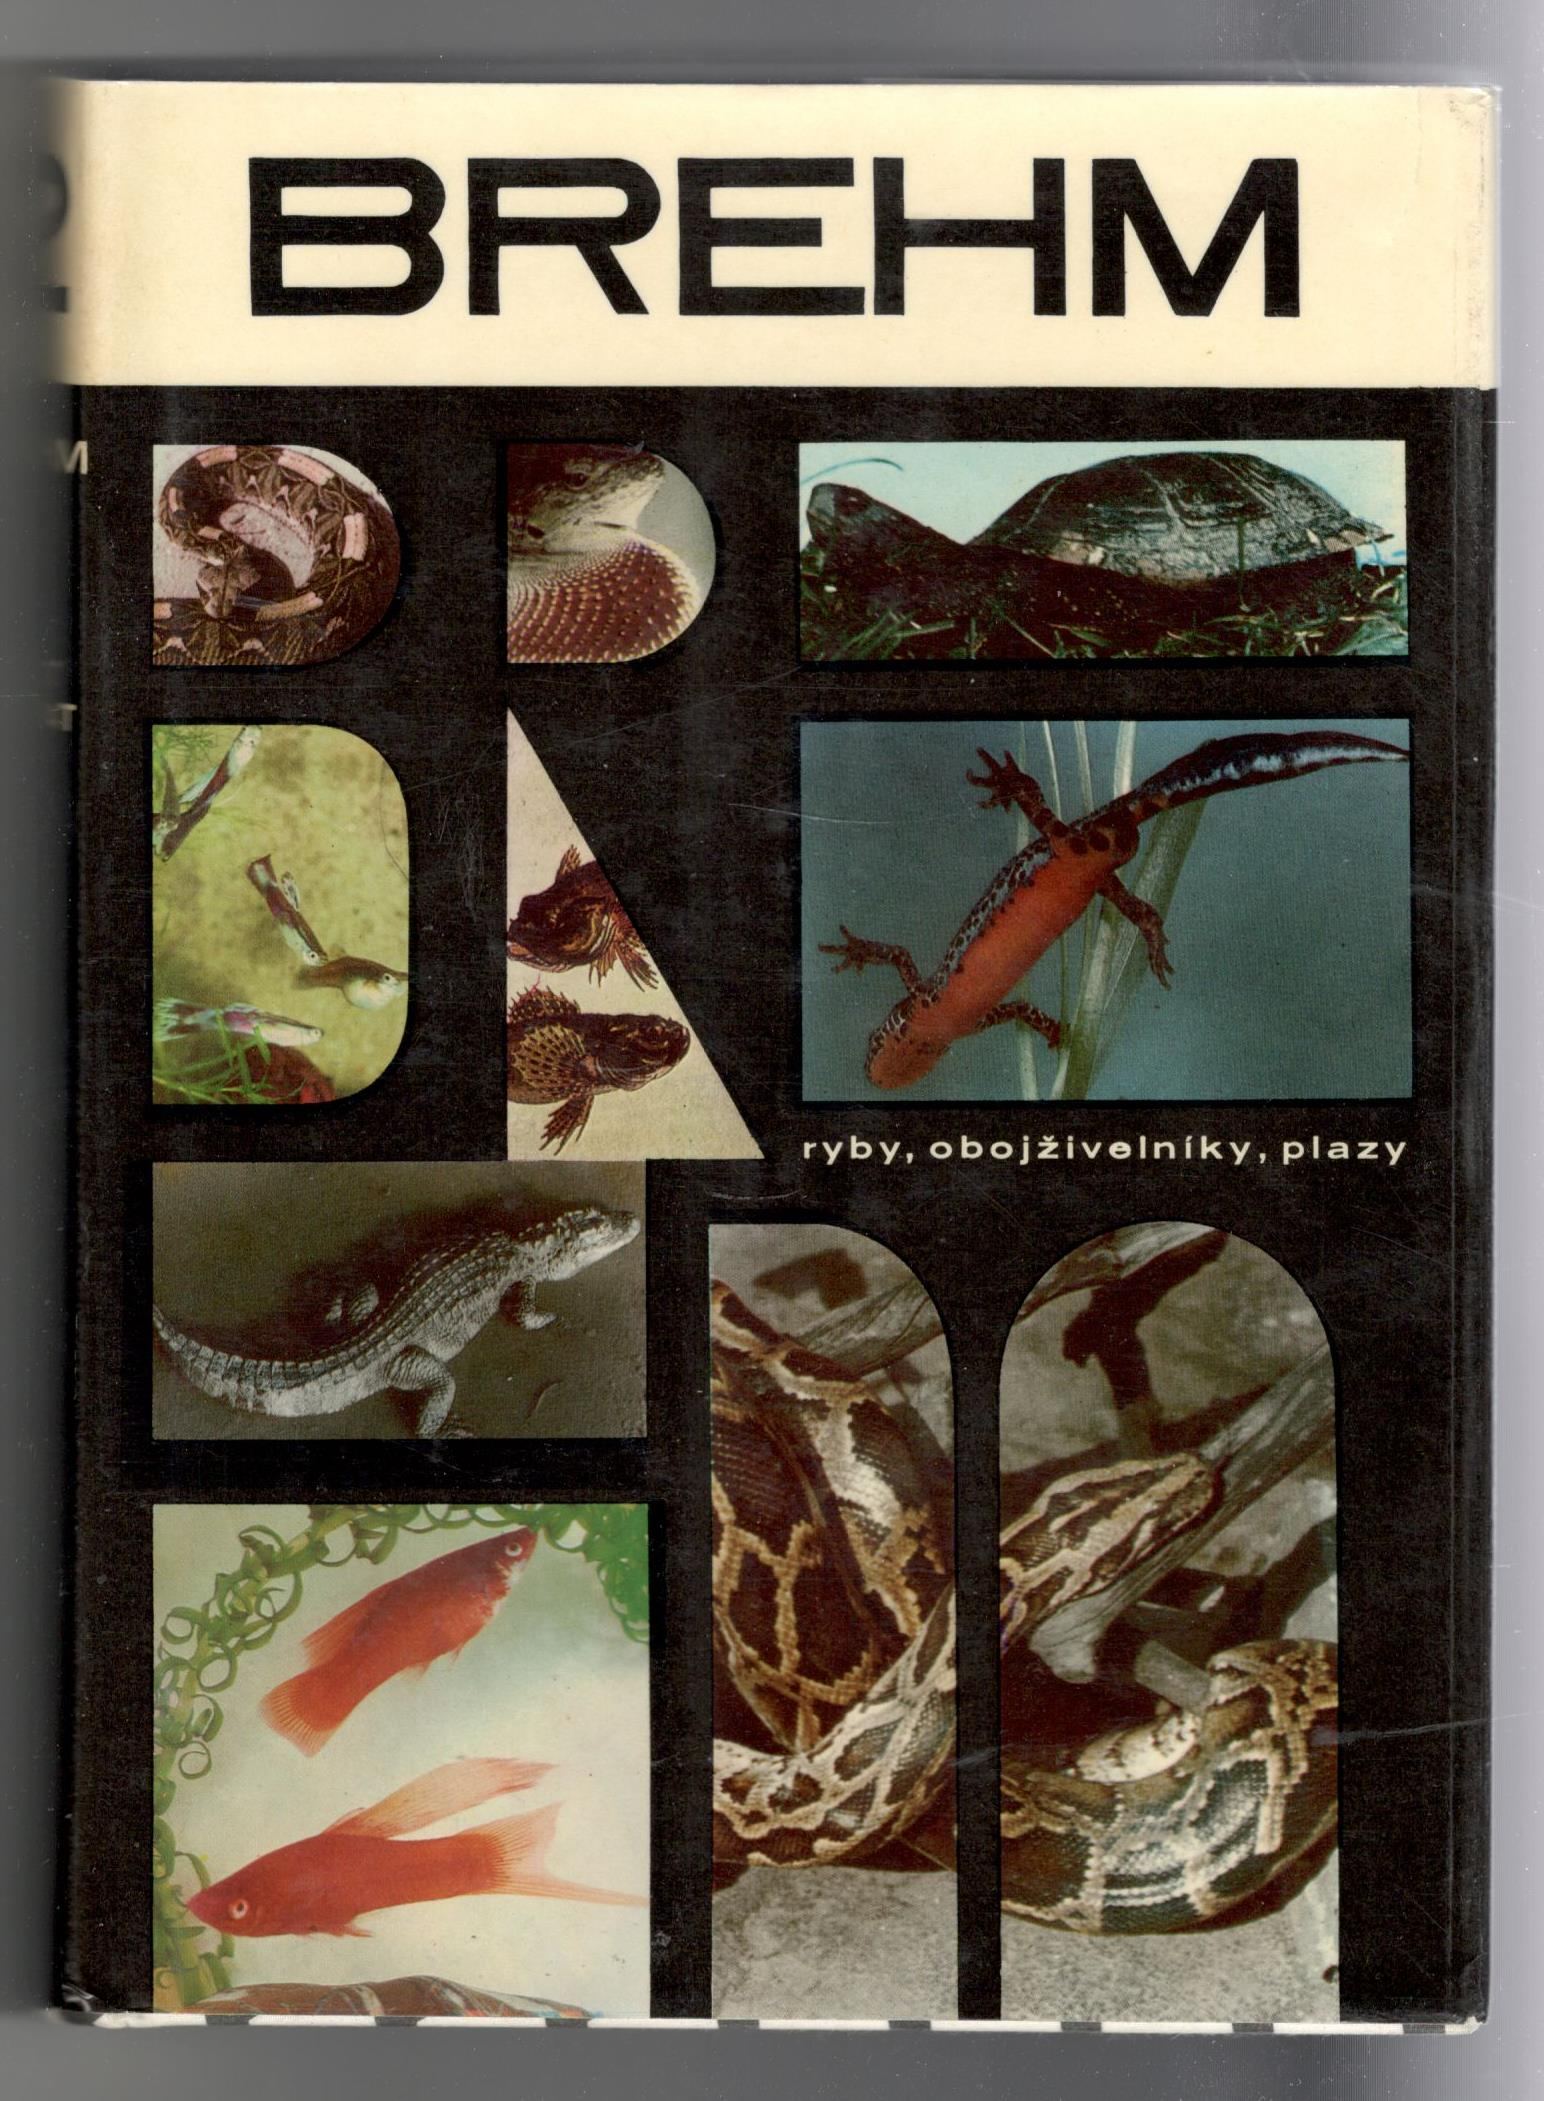 Brehm - Život zvierat 2 / Ryby, obojživelníky, plazy (slovensky)